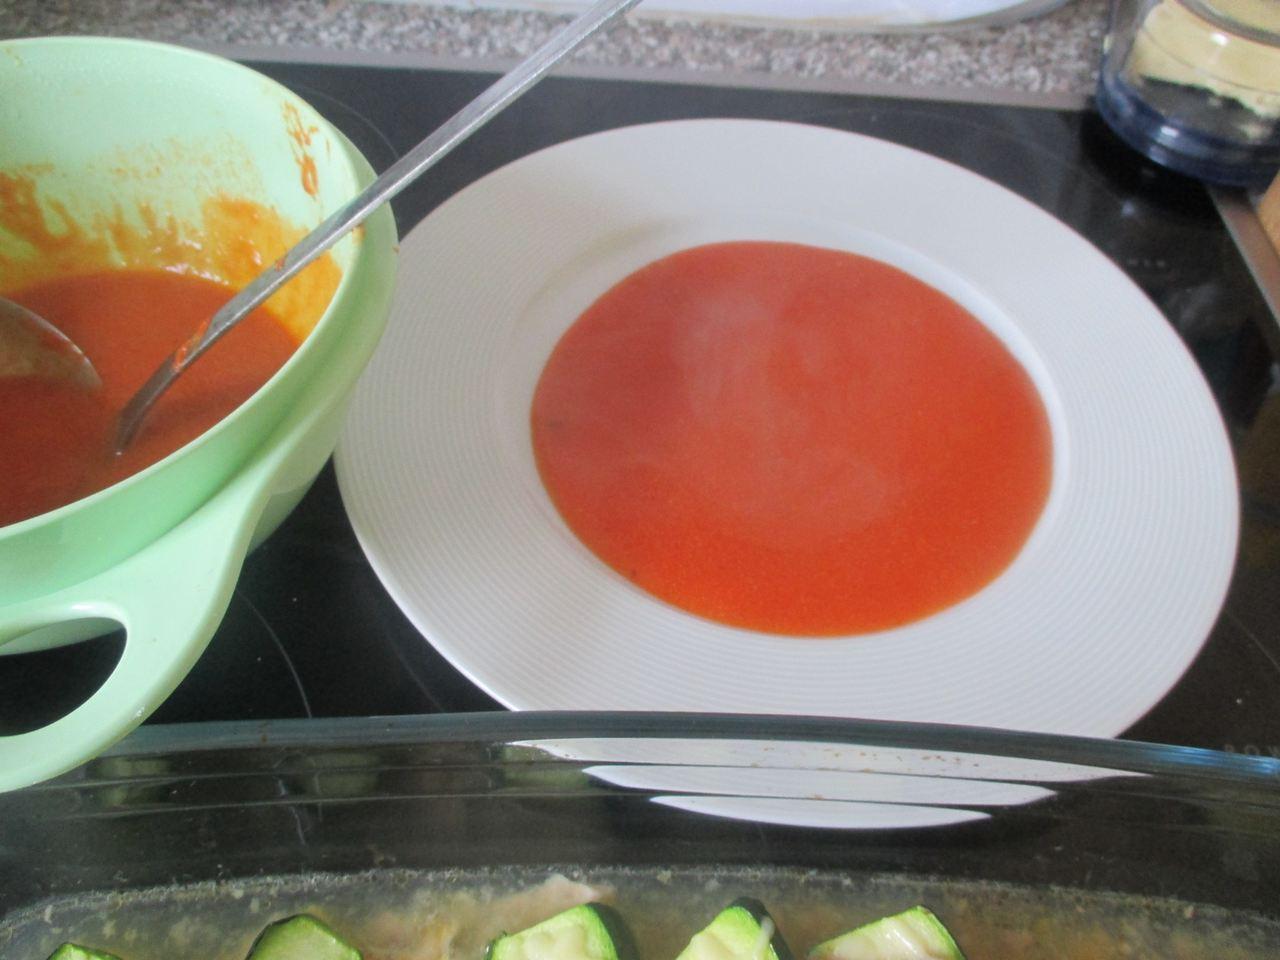 Auf einen heißen Teller ein Spiegel mit der Zucchini-Tomatensauce machen und darauf die Zucchinis legen und garnieren